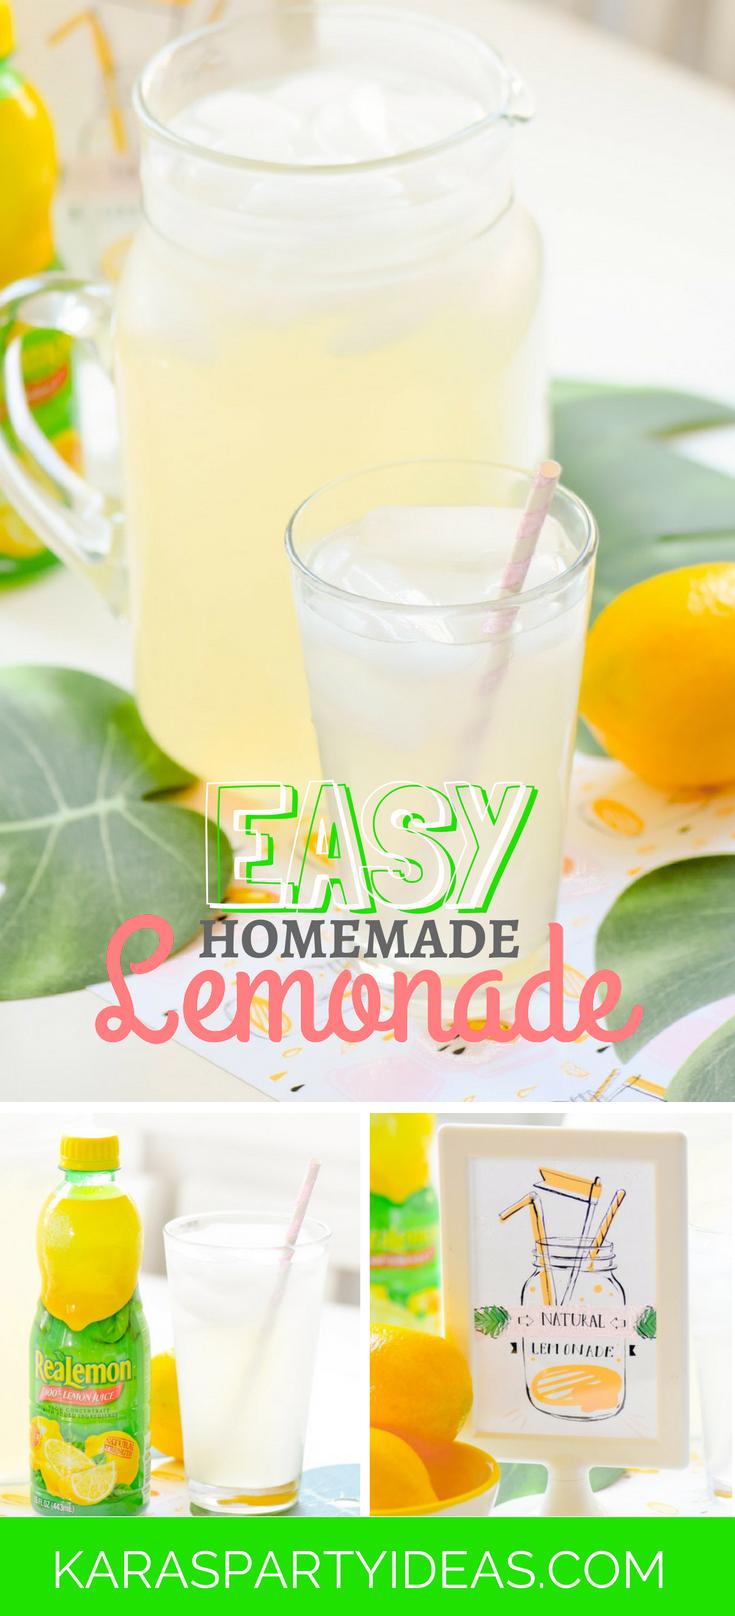 Easy Homemade Playdough Recipe: Kara's Party Ideas Easy Homemade Lemonade Recipe